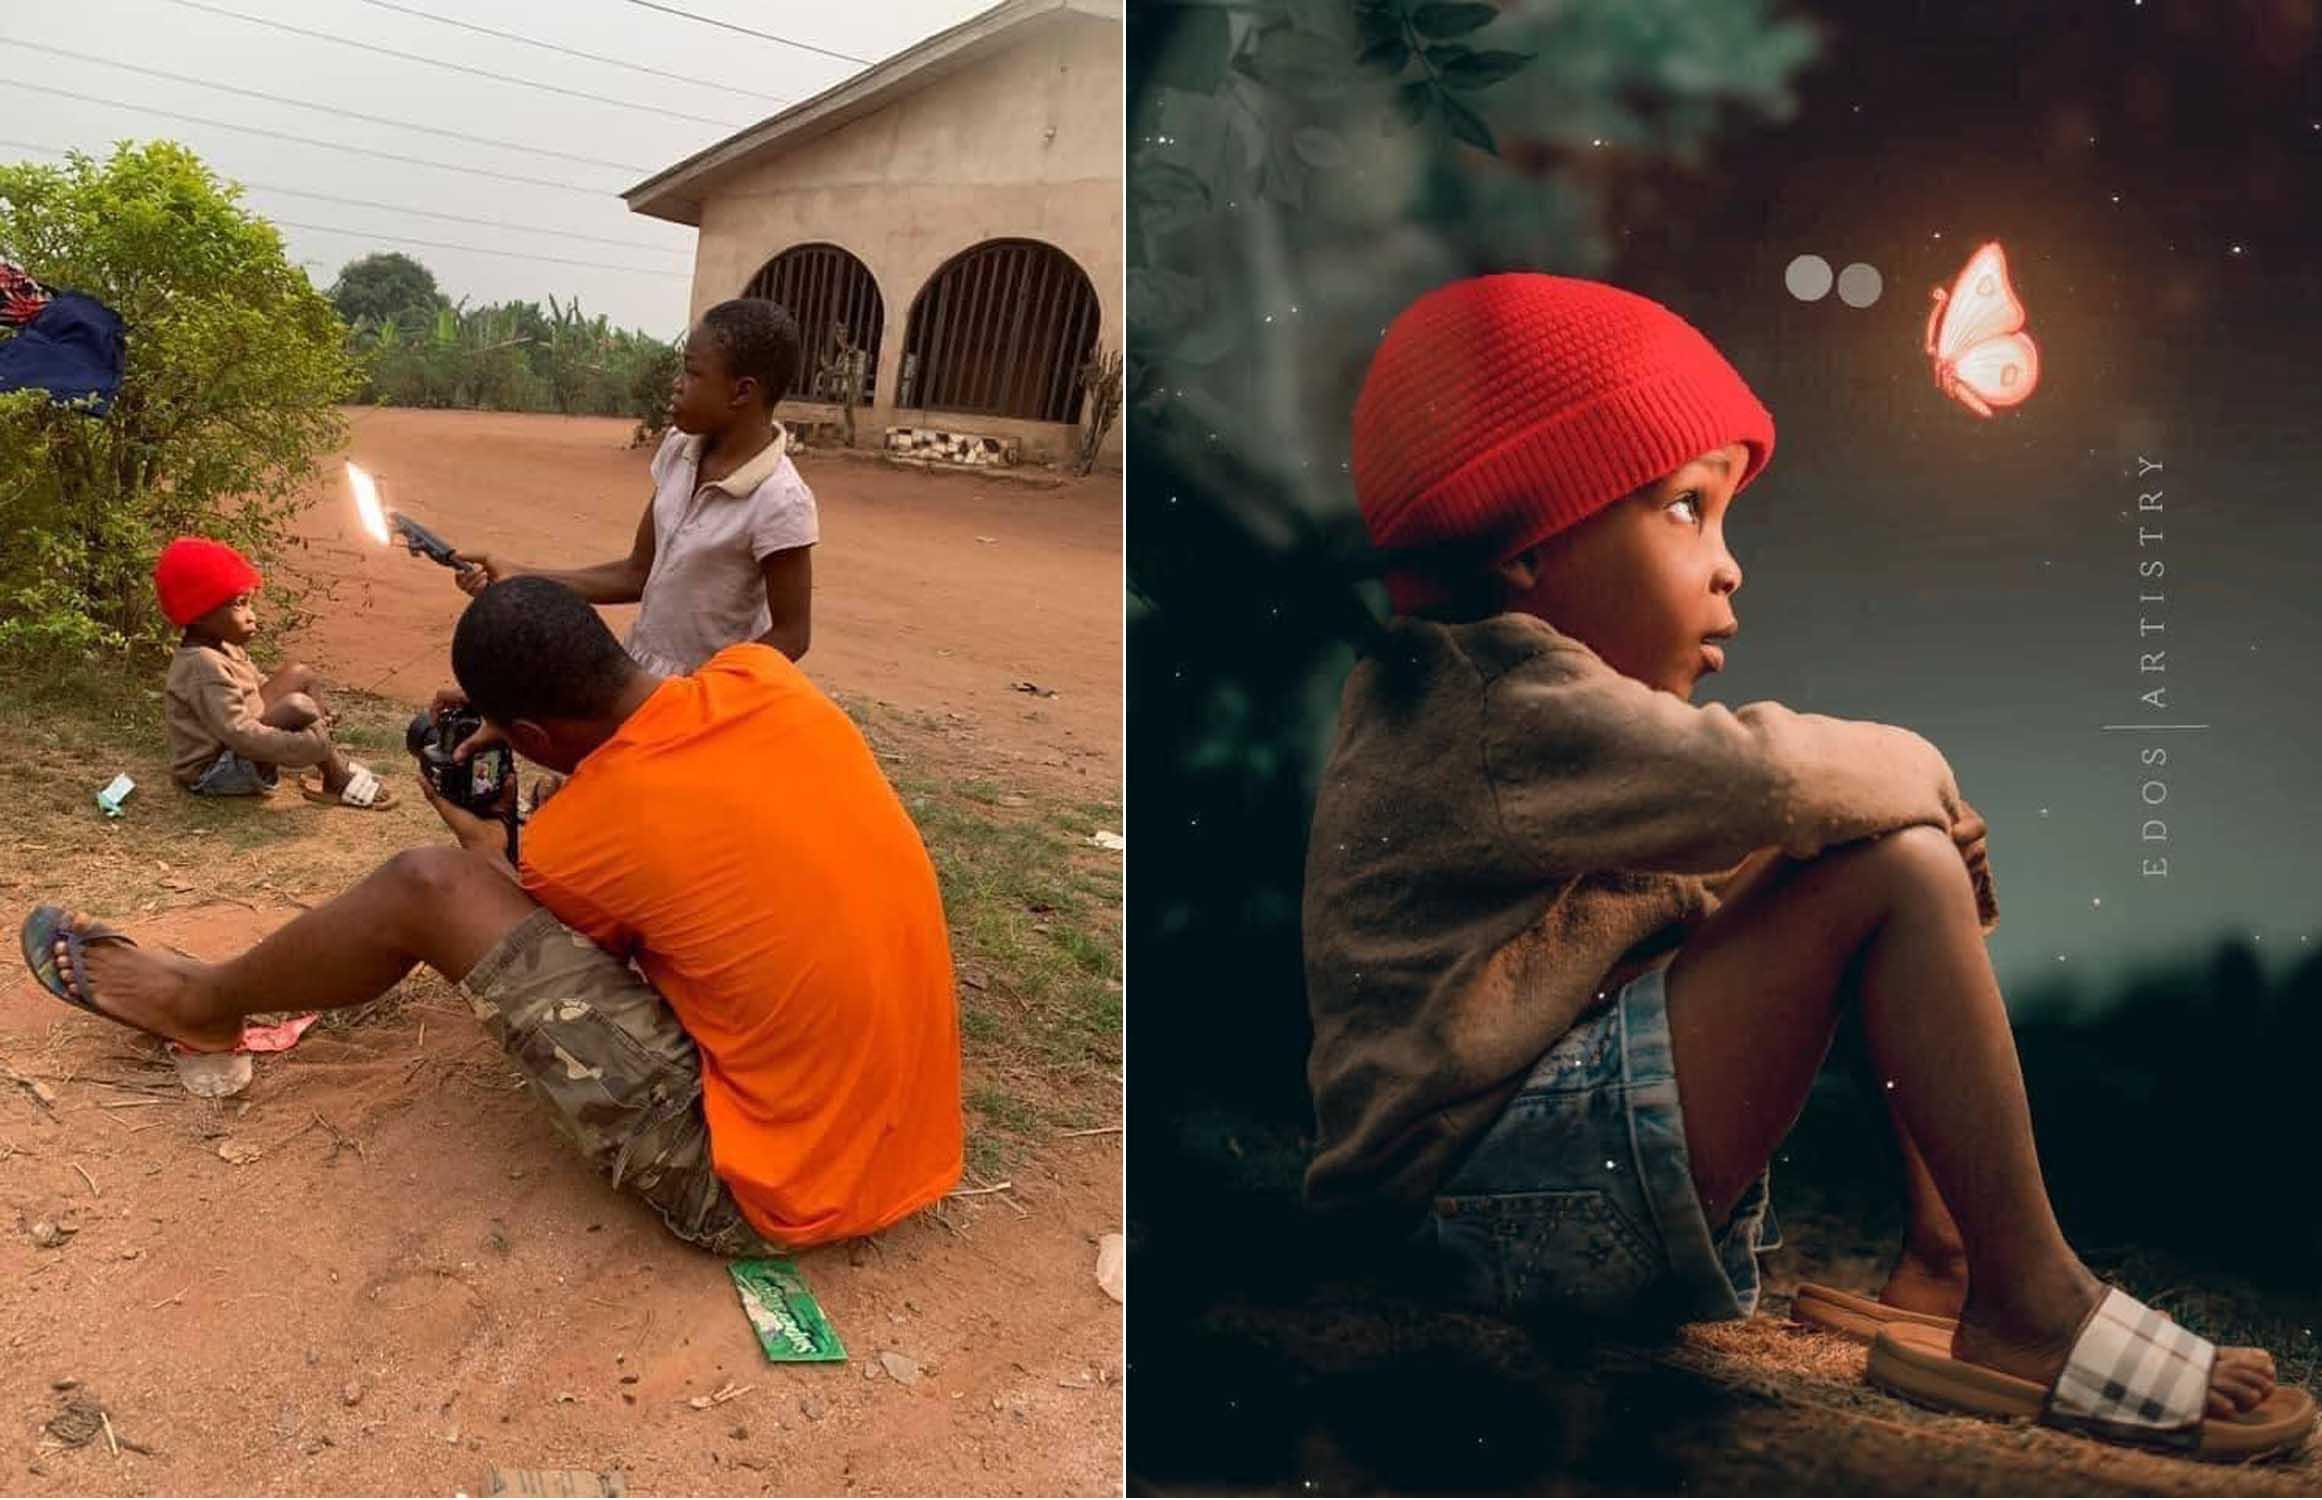 Trang Afropreneuriat đăng tải các hình ảnh cùng lời nhận xét: Nhiếp ảnh gia thật tài năng.